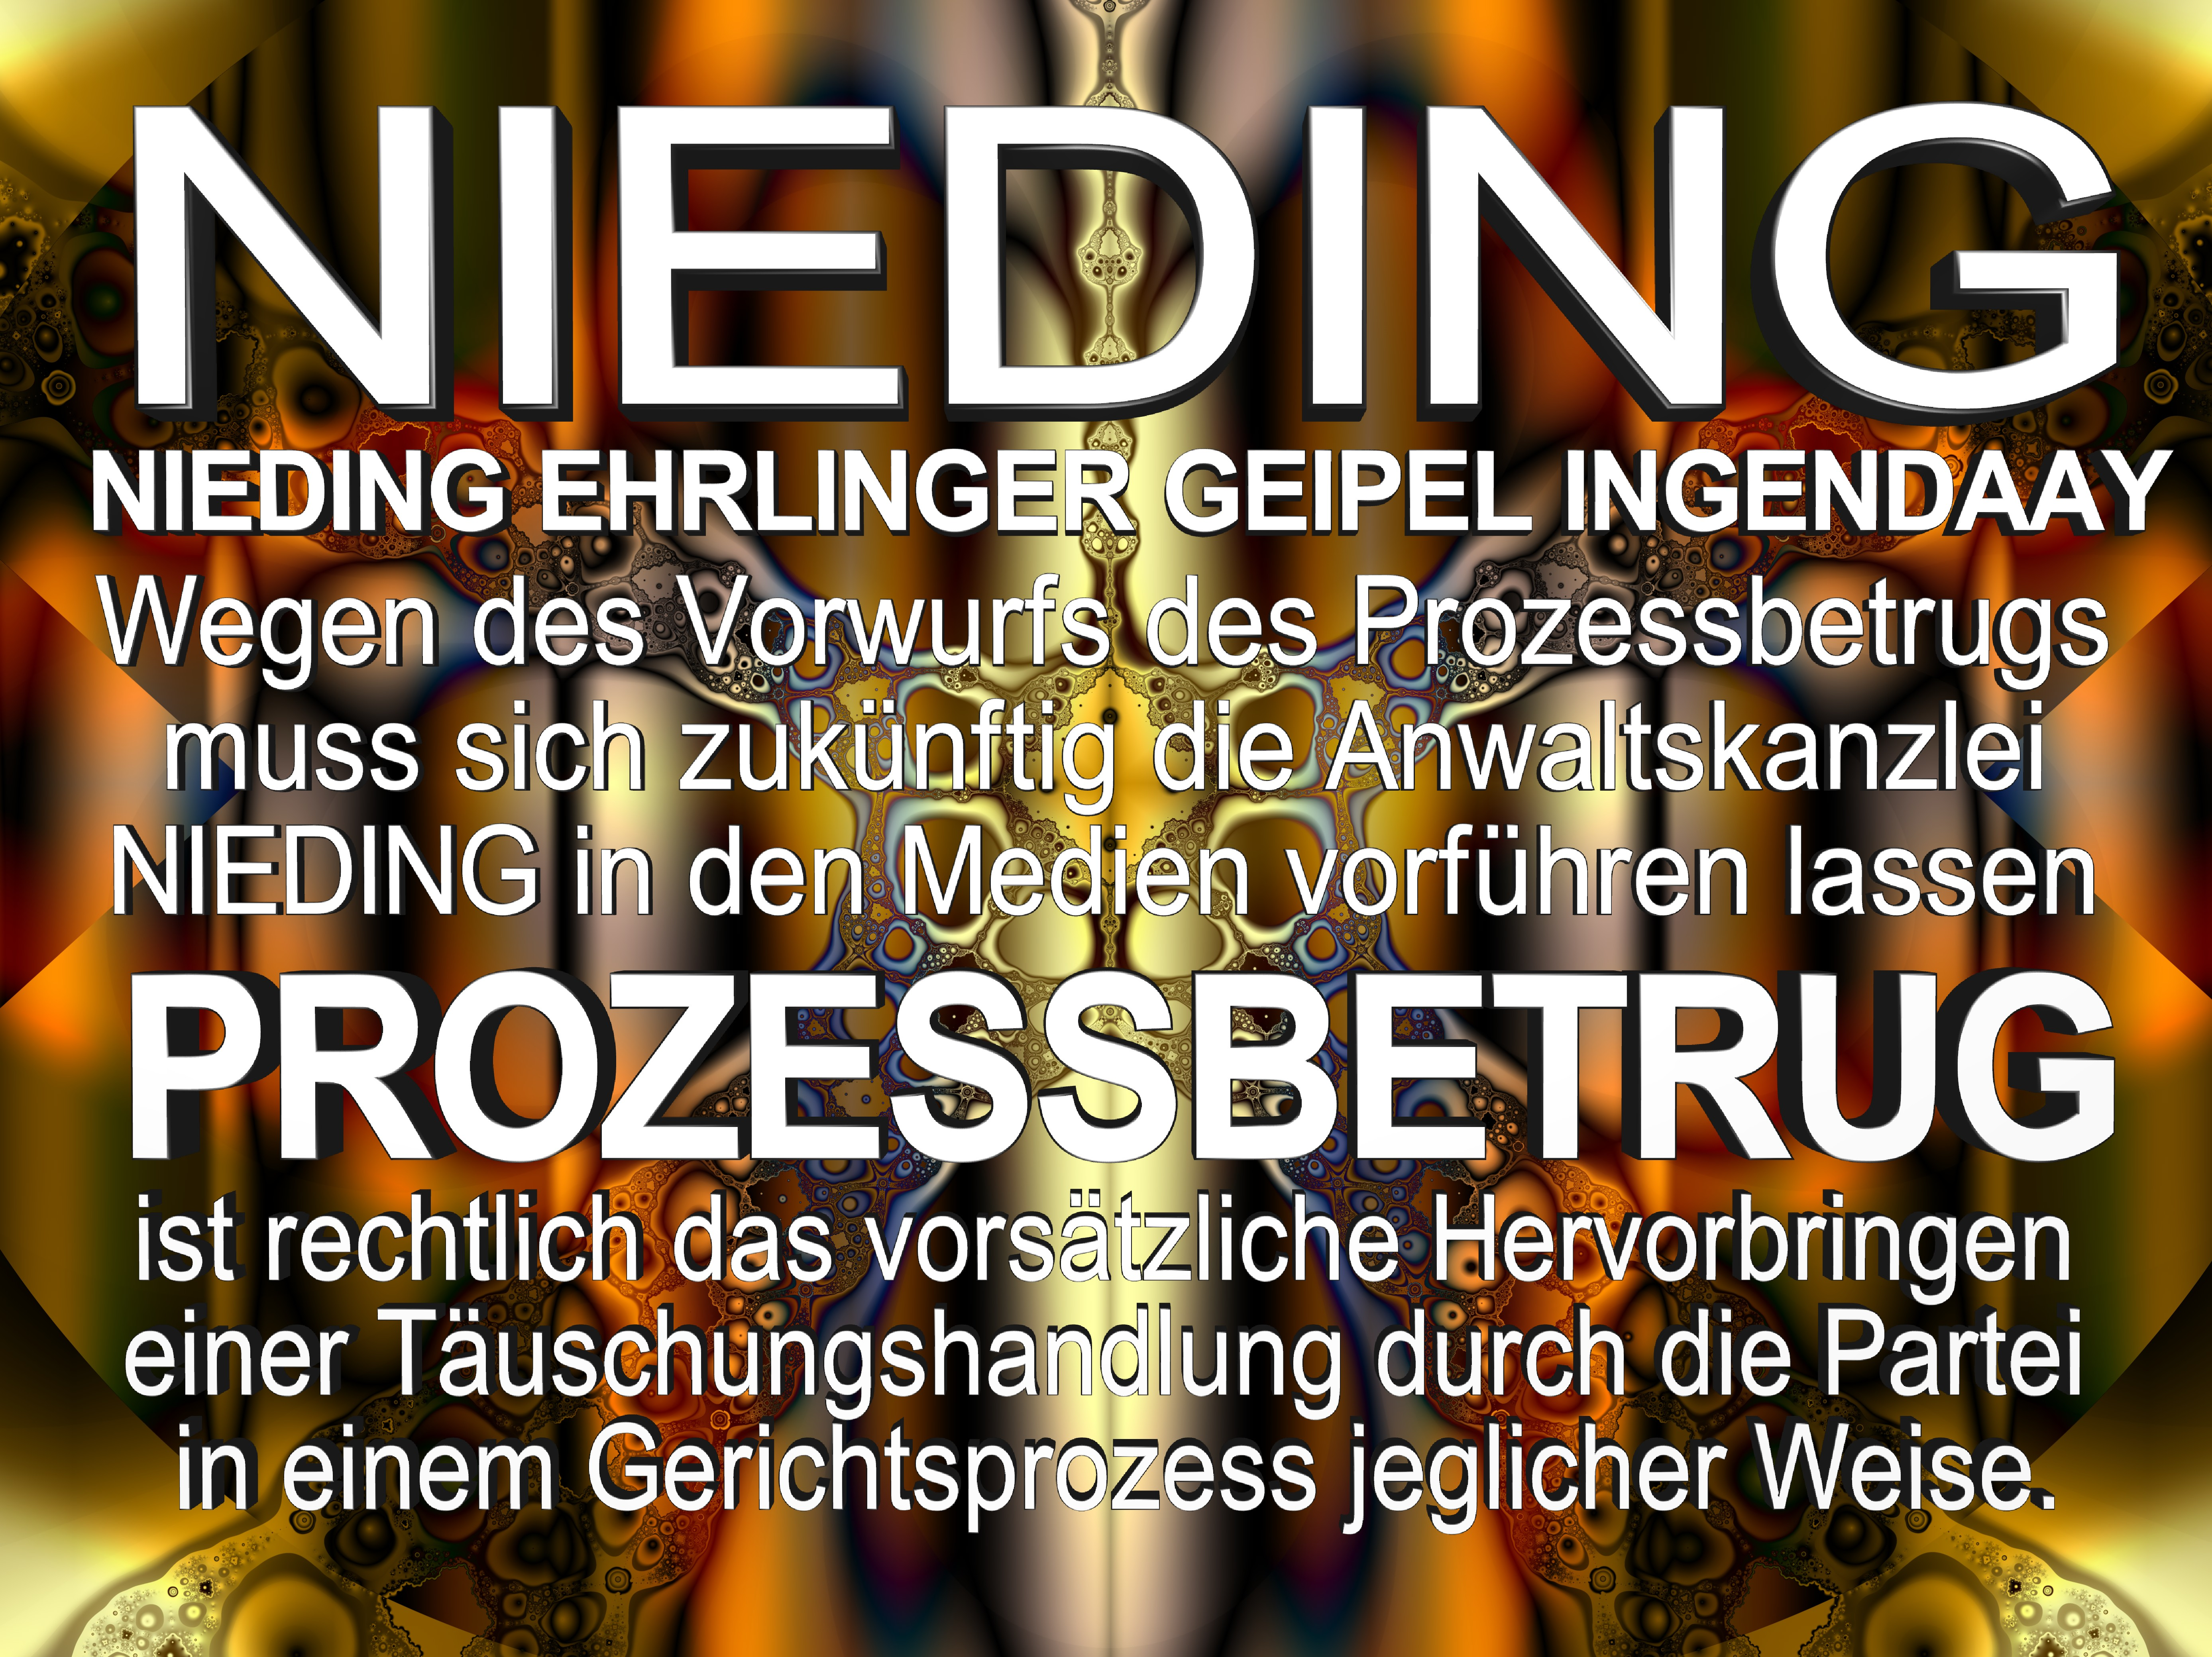 NIEDING EHRLINGER GEIPEL INGENDAAY LELKE Kurfürstendamm 66 Berlin (187)